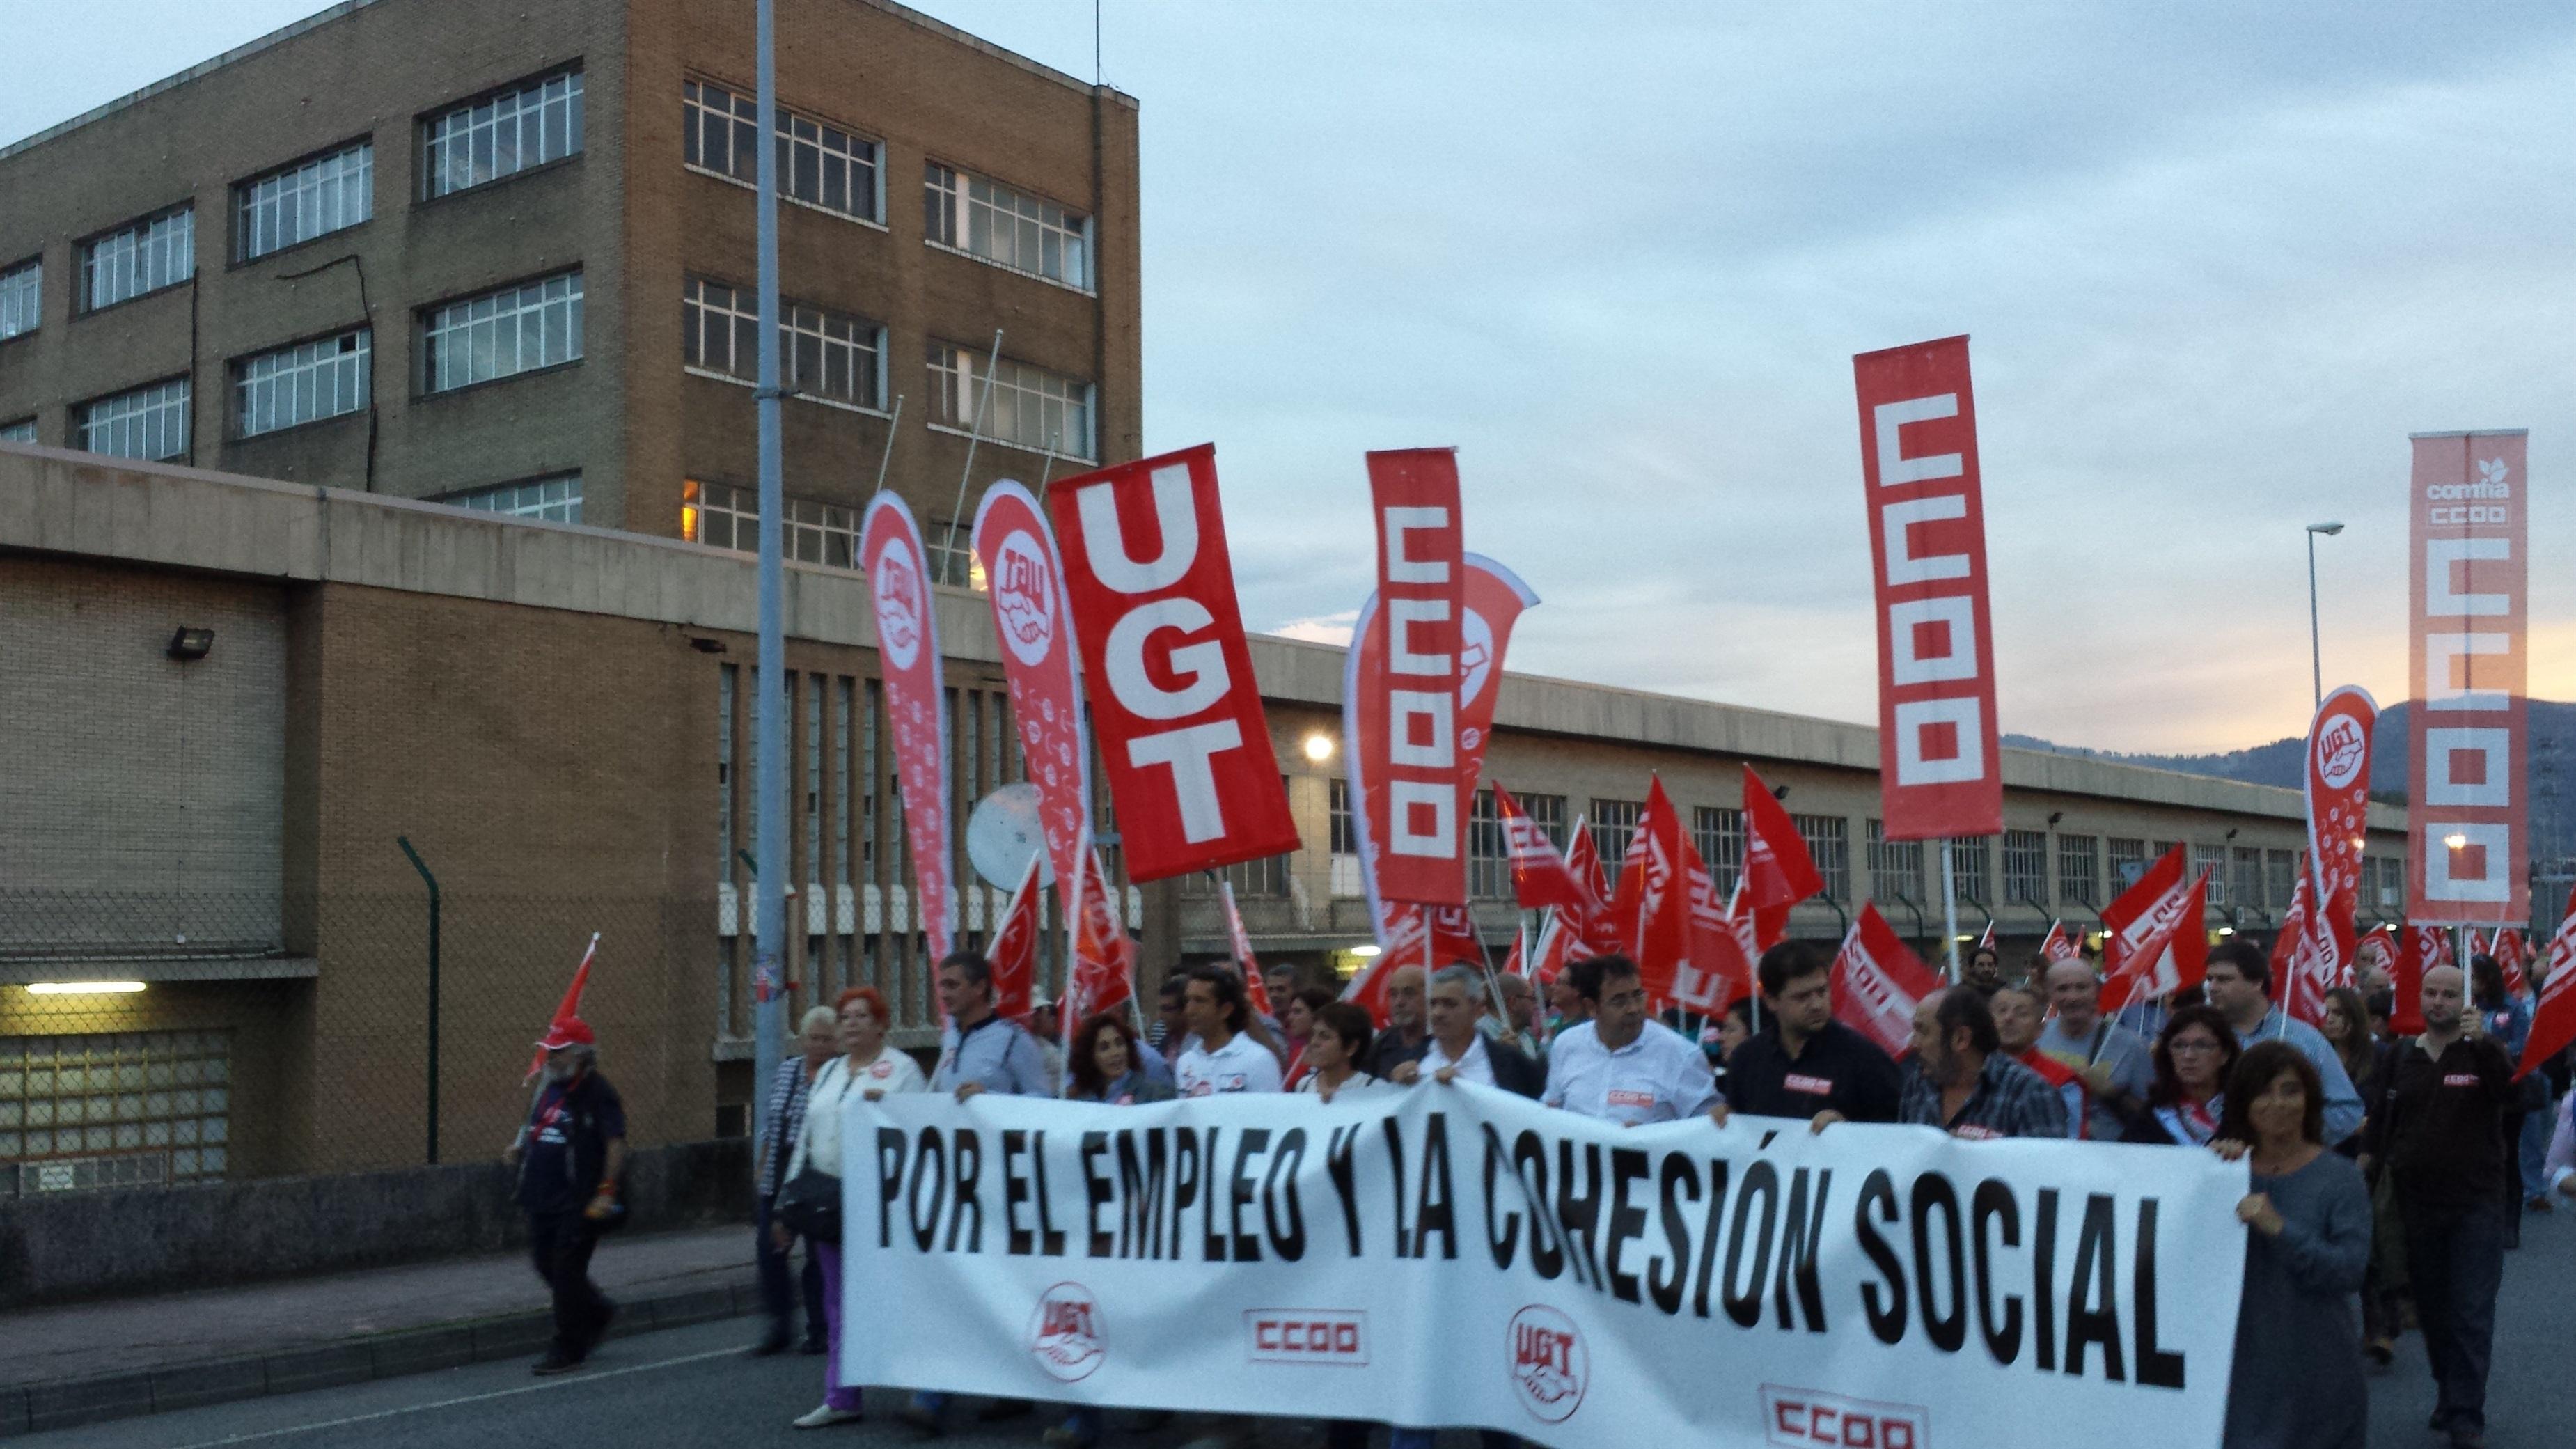 Más de 3.500 personas exigen «empleo y cohesión social» en la manifestación de UGT y CCOO en Camargo